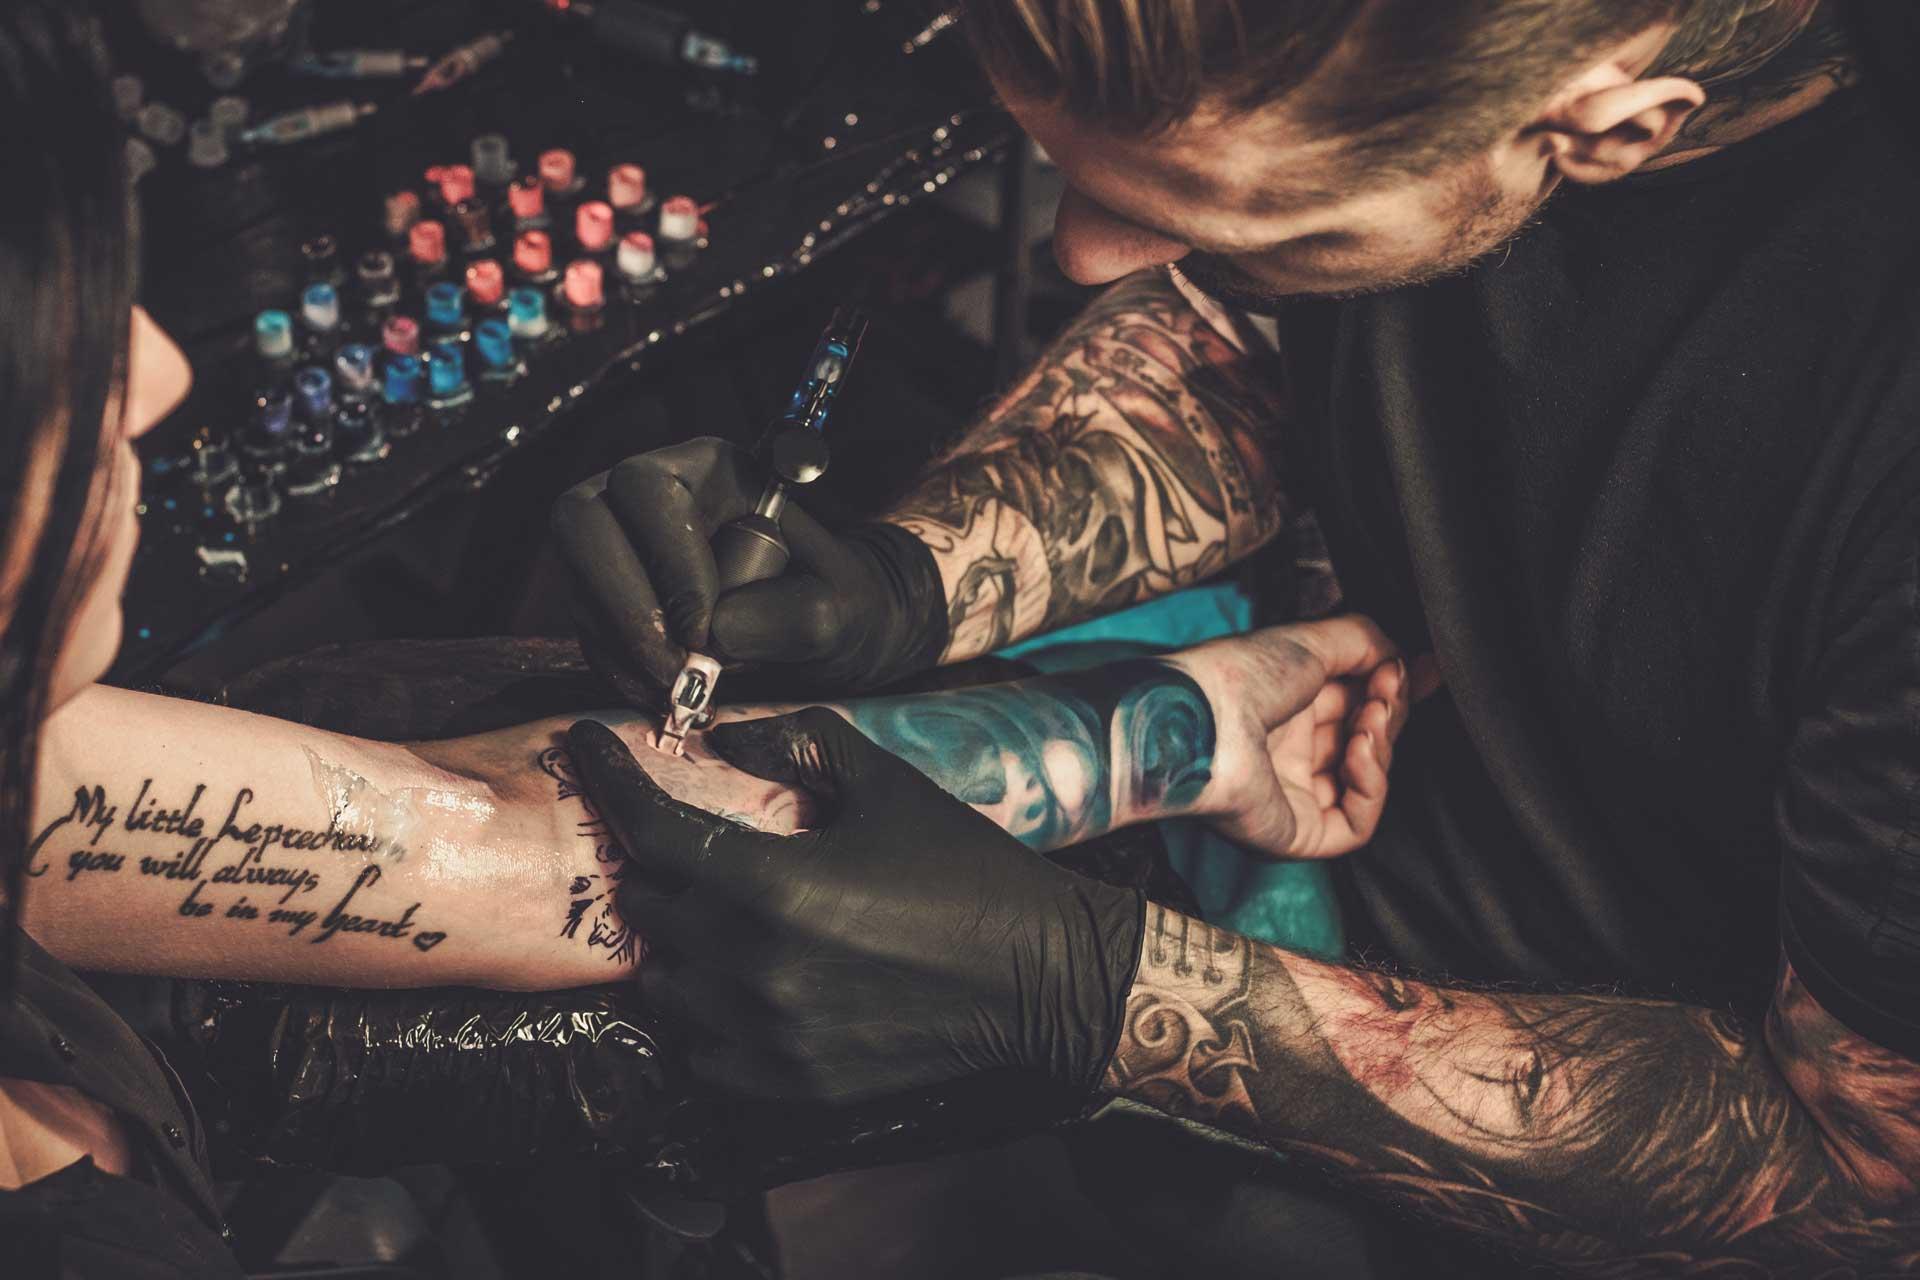 Tattooversicherung - Risiko